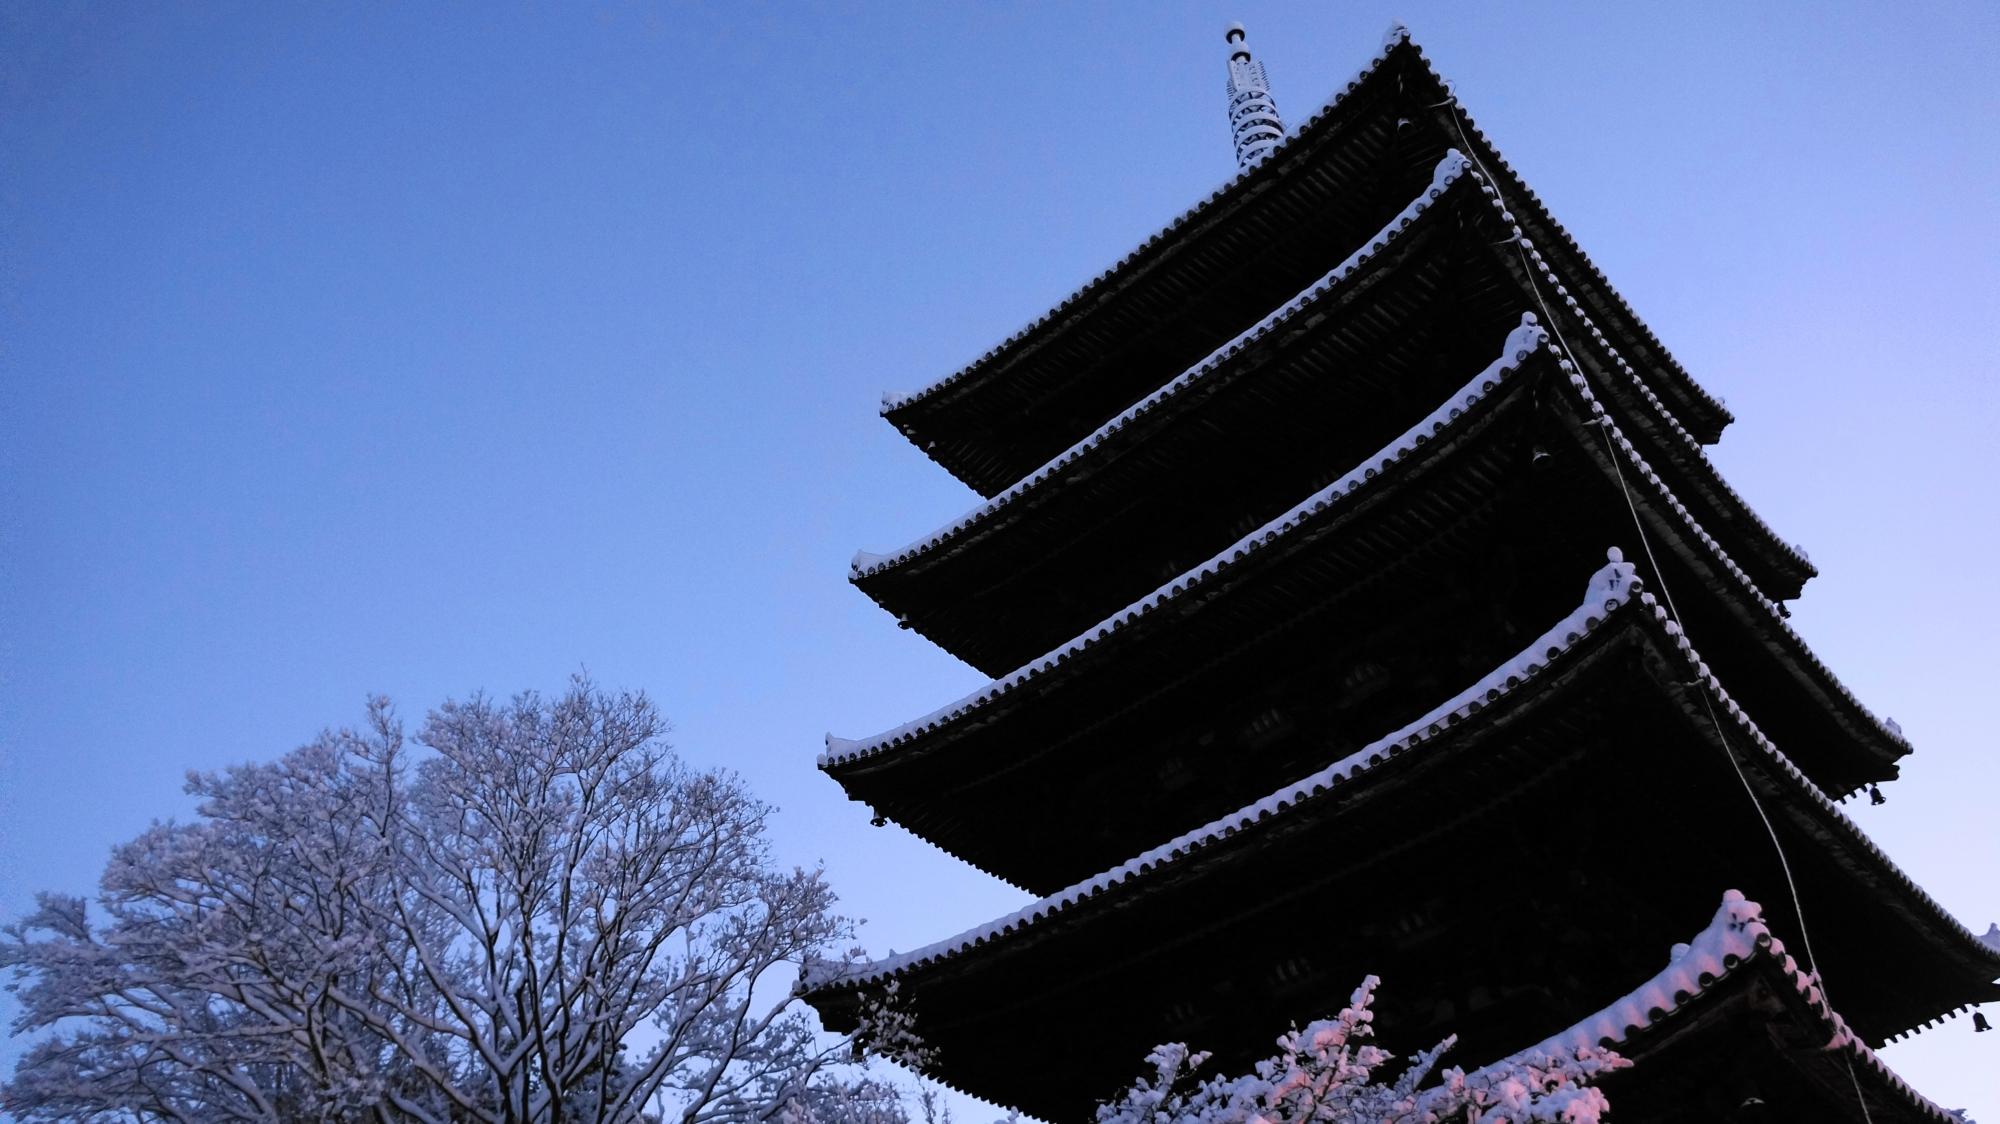 澄みきった空気と静寂の中に佇む五重塔